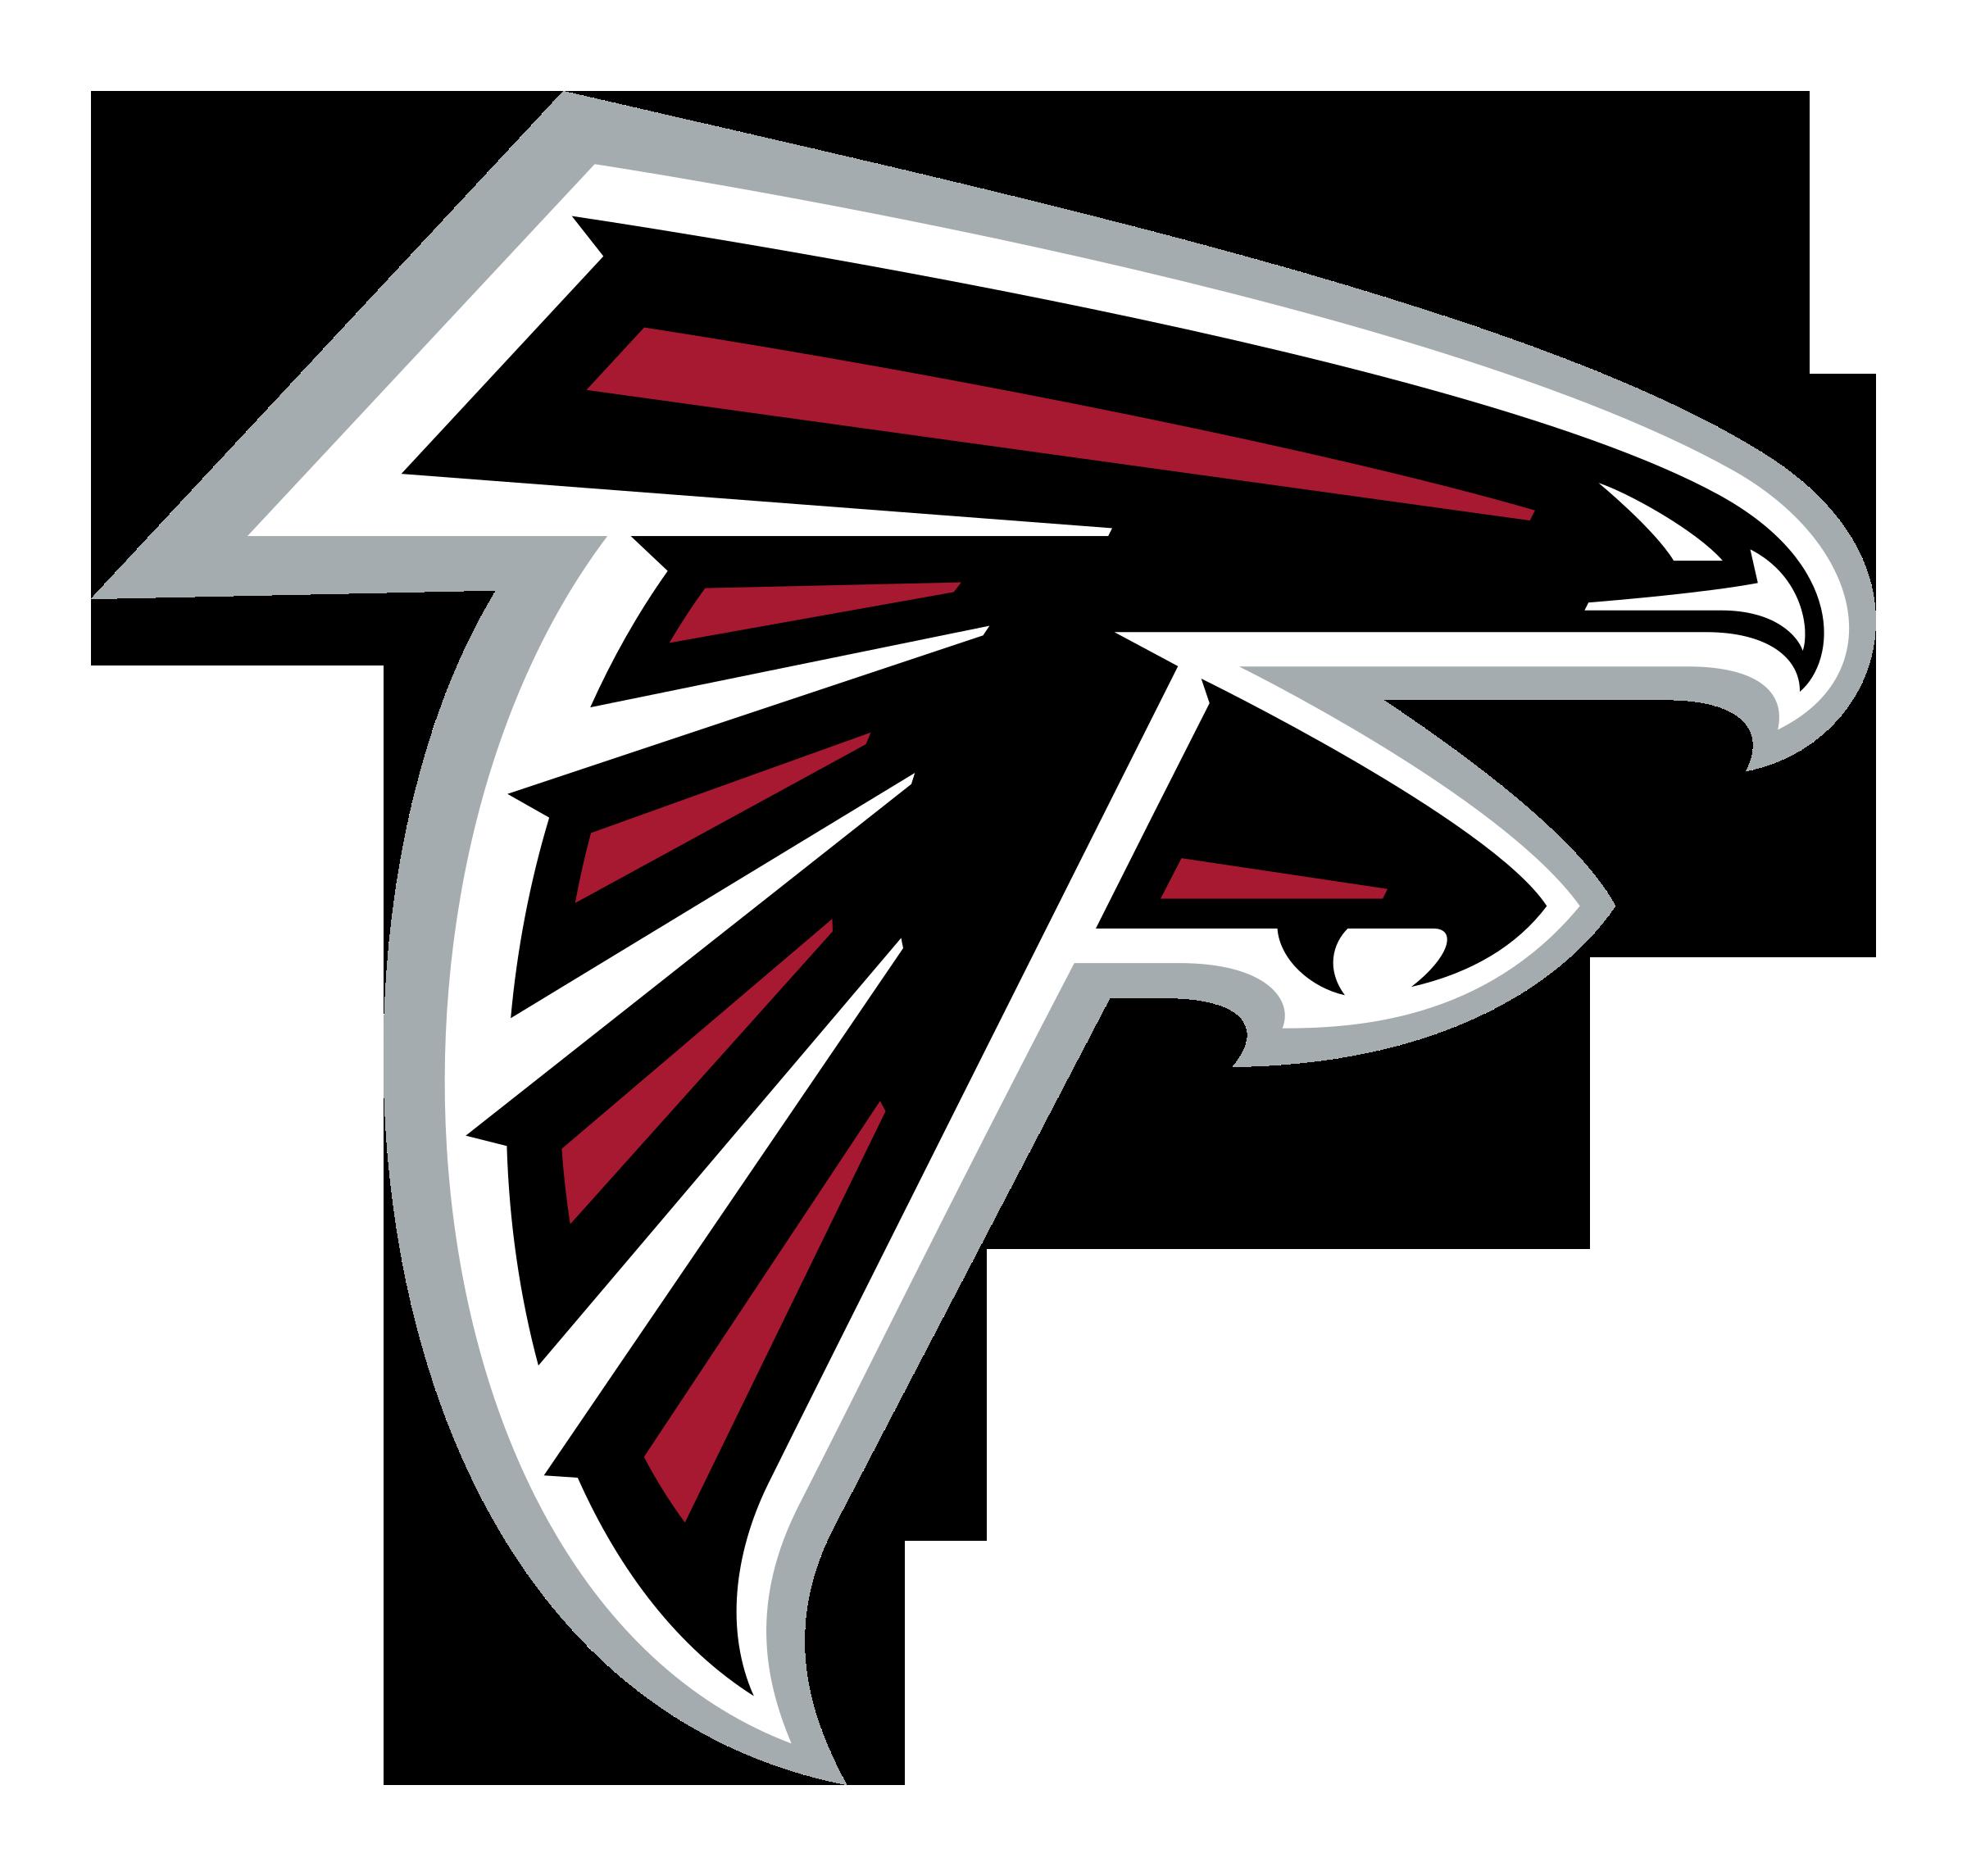 Falcon clipart vector. Atlanta falcons logo png